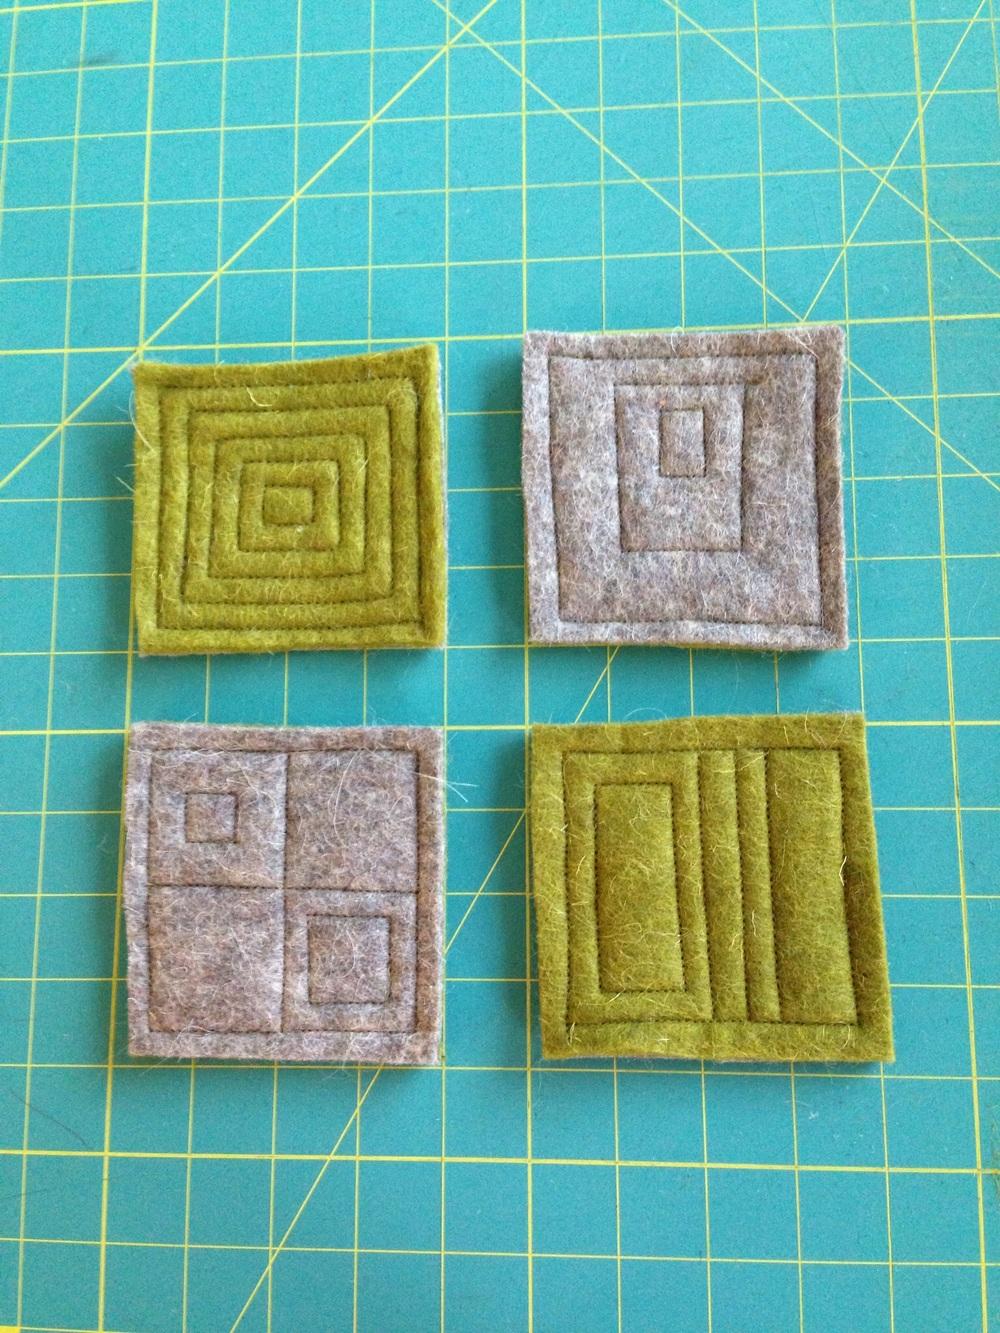 Geometric stitching